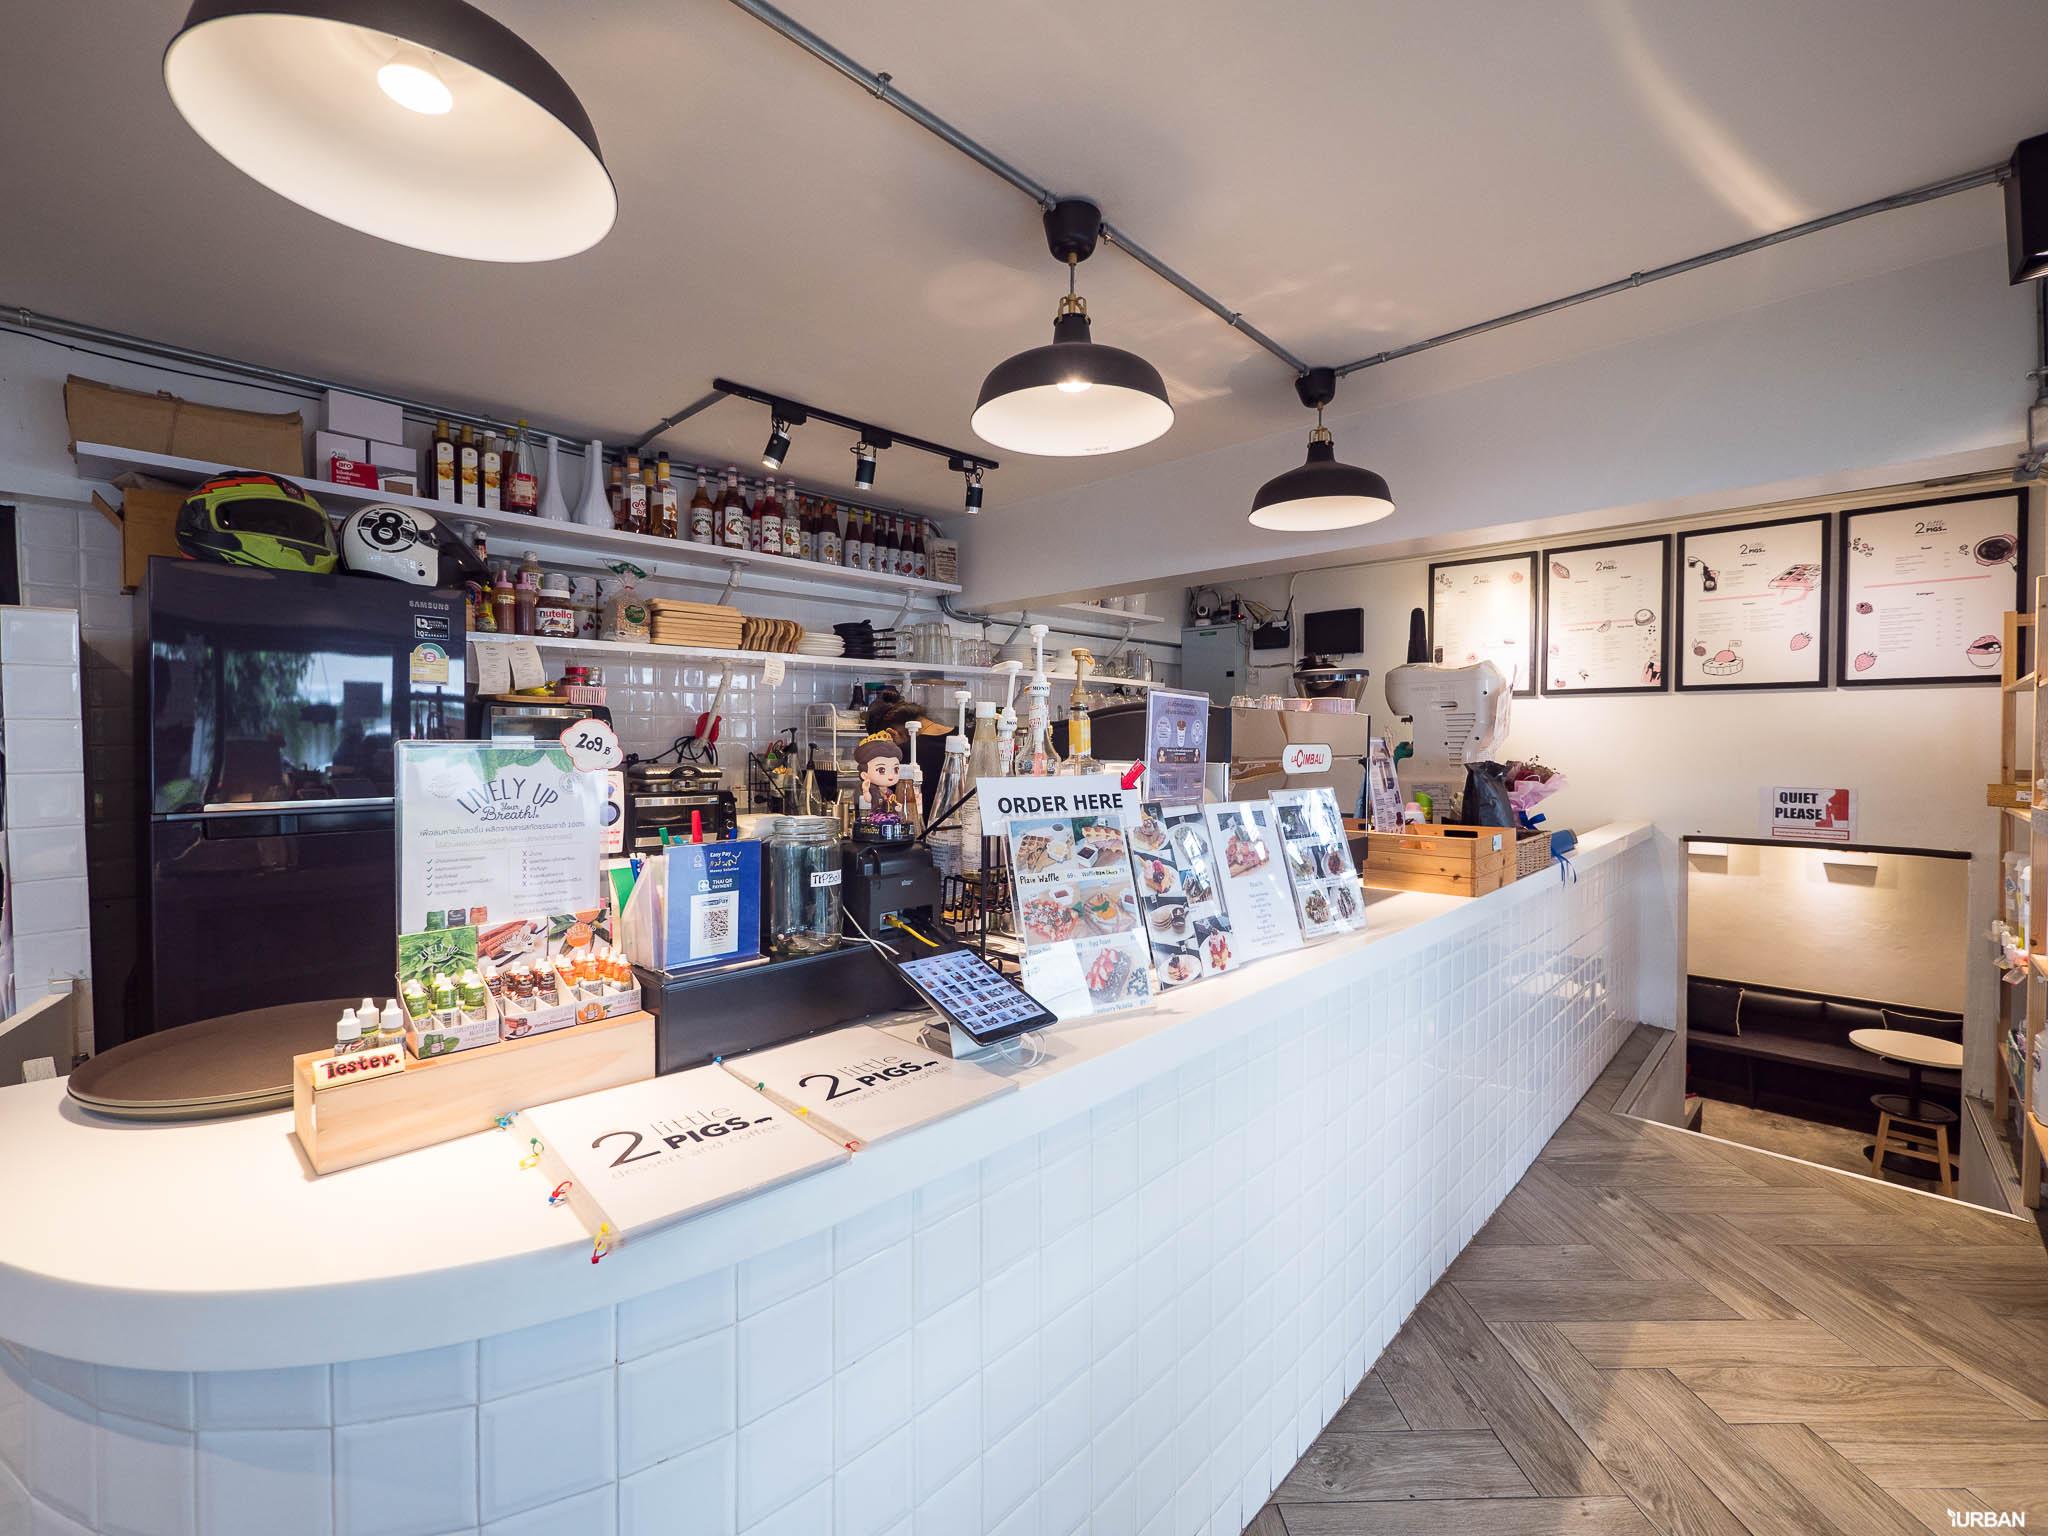 8 คาเฟ่ จตุจักร และร้านกาแฟที่ Unique ดีมีสไตล์น่าสนใจ เหมาะกับไลฟ์สไตล์วันชิลๆ 71 - Premium